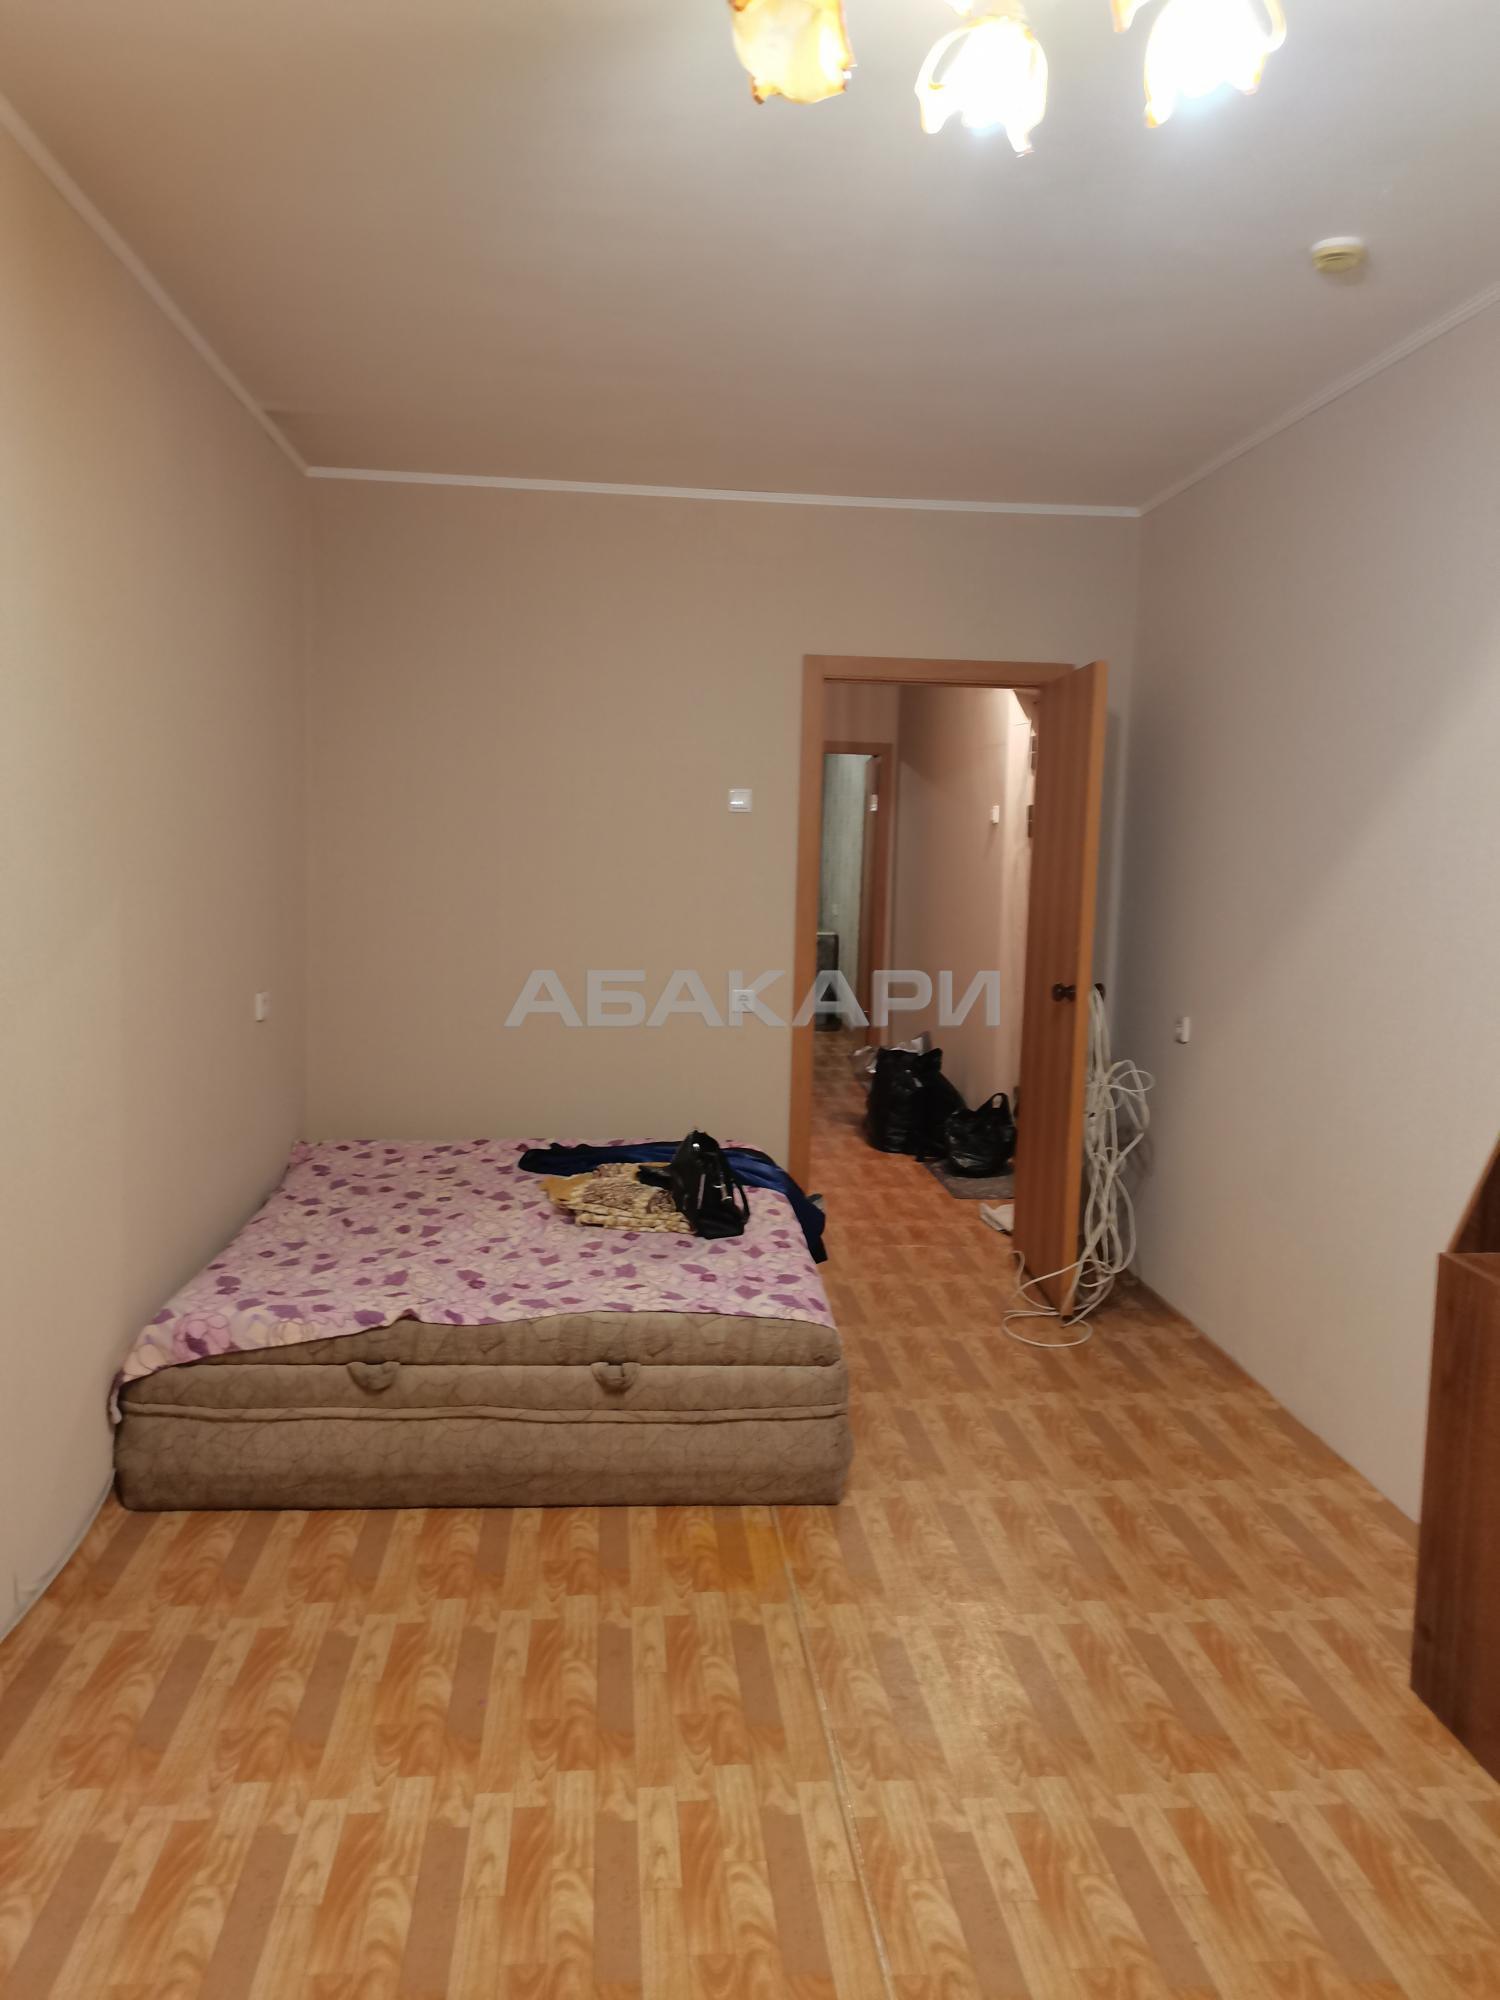 1к квартира Ястынская улица, 18   15000   аренда в Красноярске фото 2